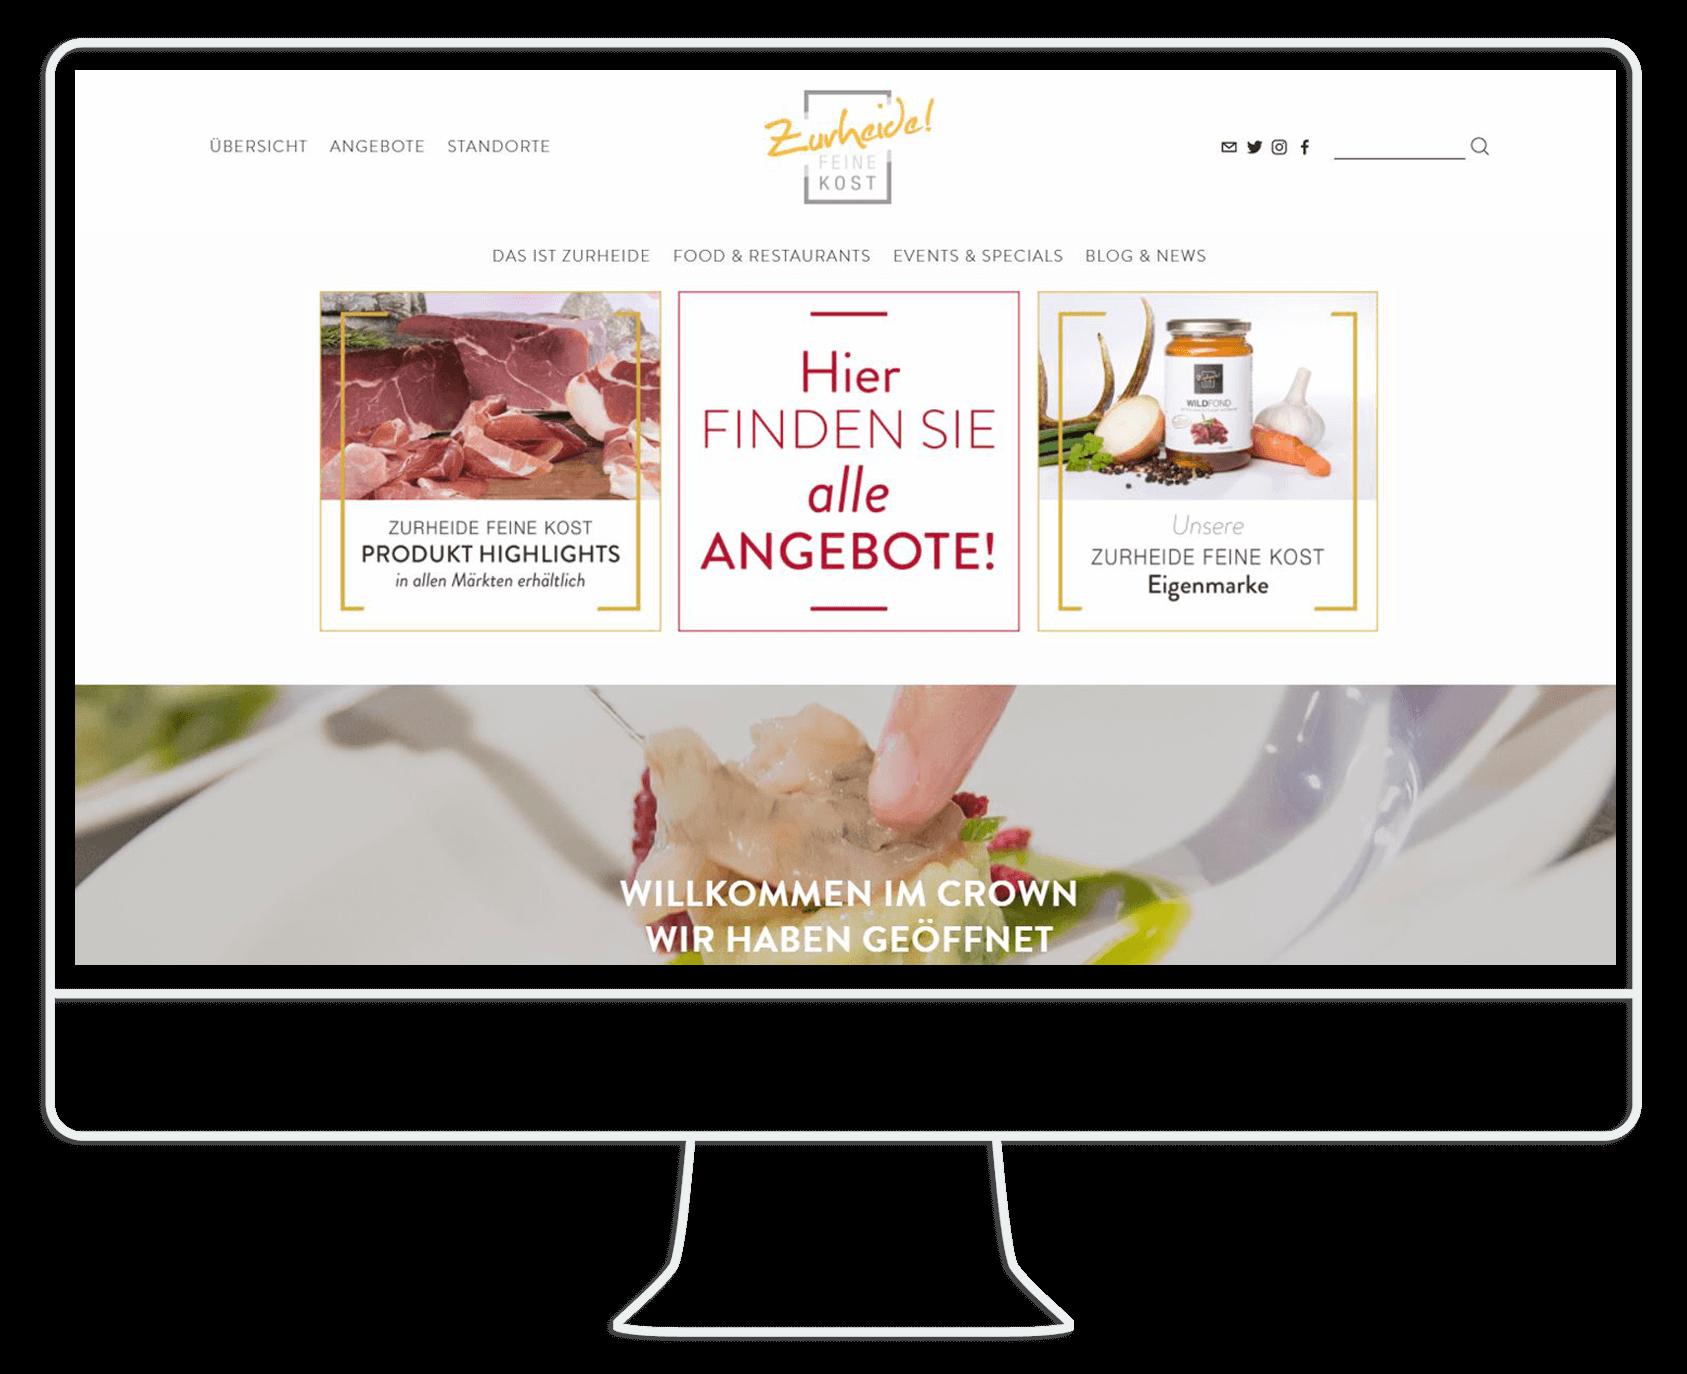 markop-webdesign-referenz-zurheide-feine-kost-edeka-squarespace.png